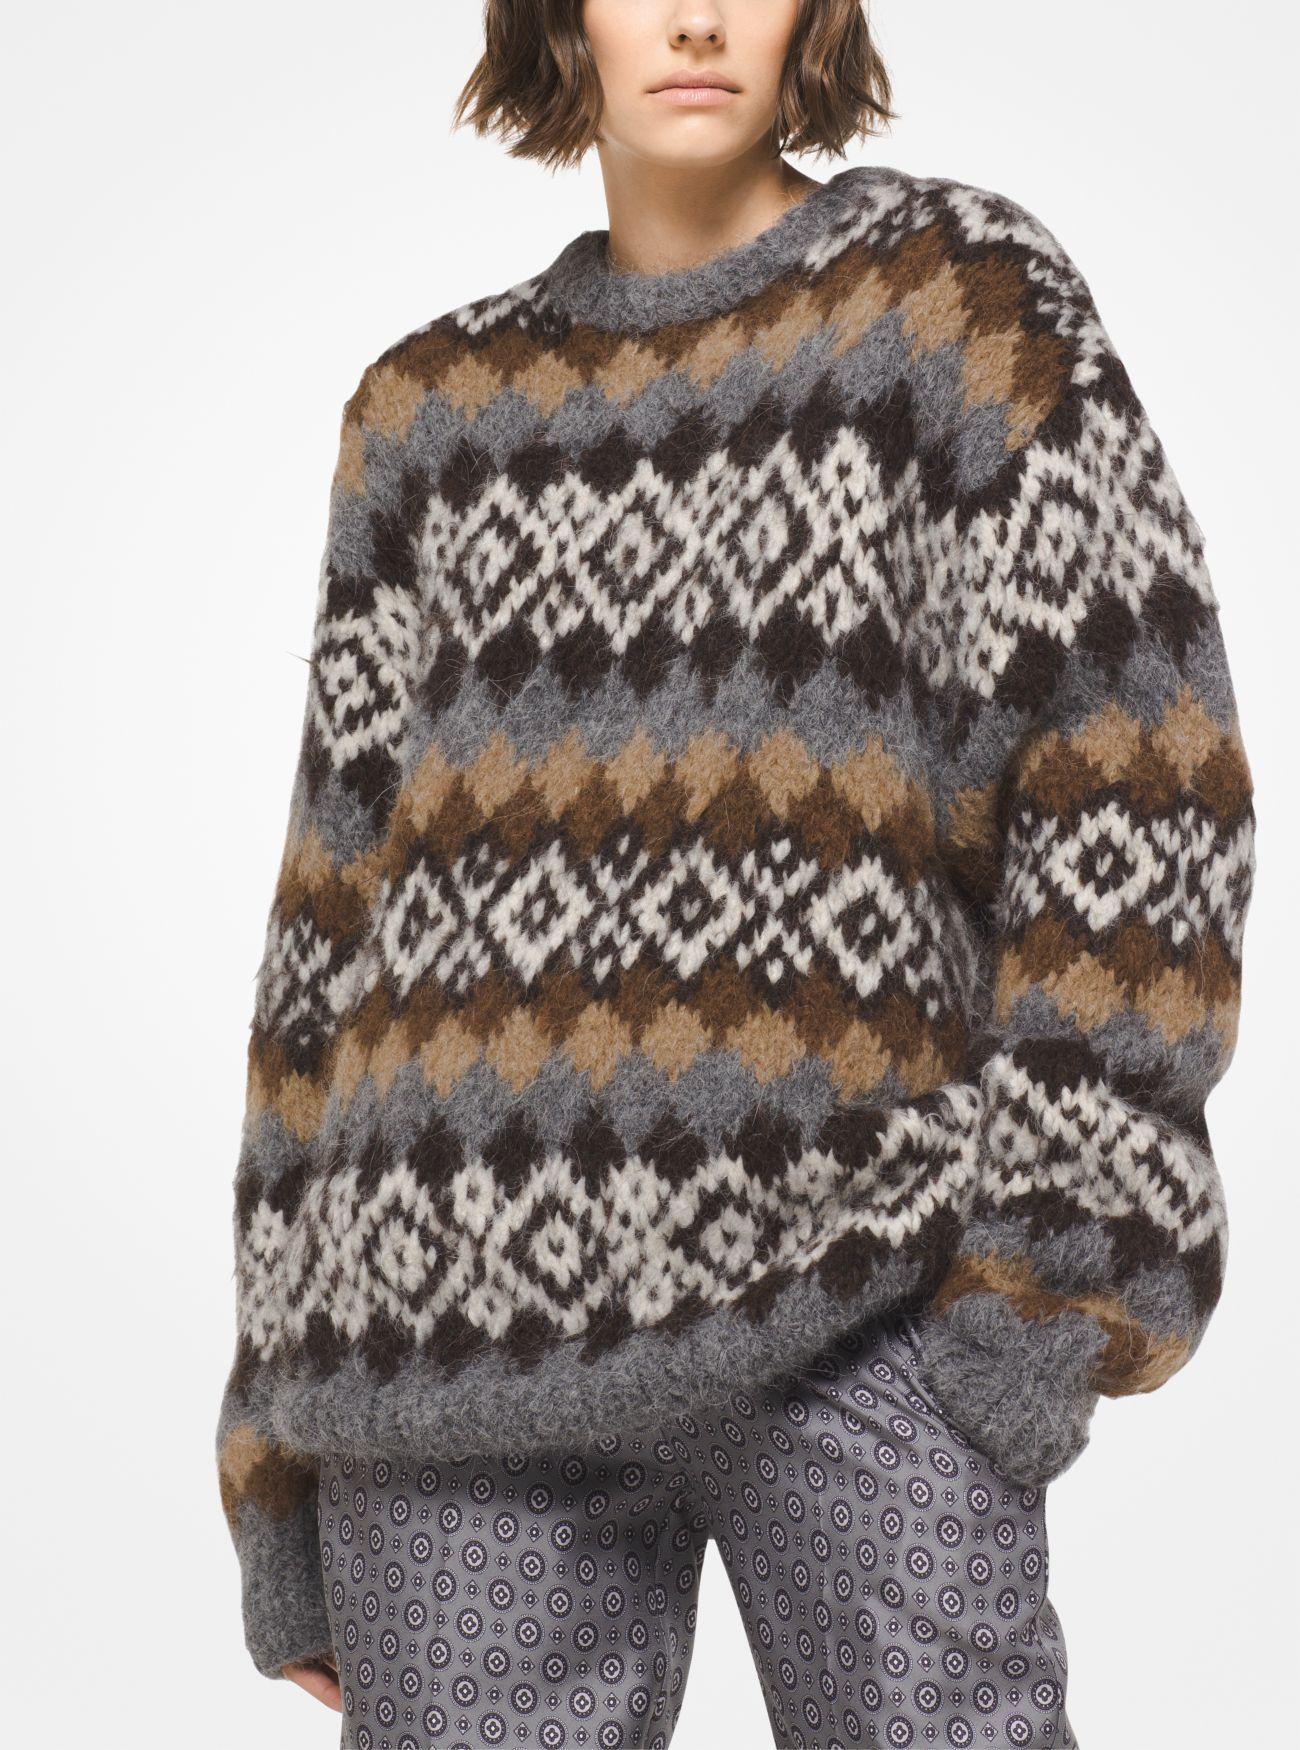 handgestrickter pullover aus alpakawollgemisch mit fair isle muster - Fair Isle Muster